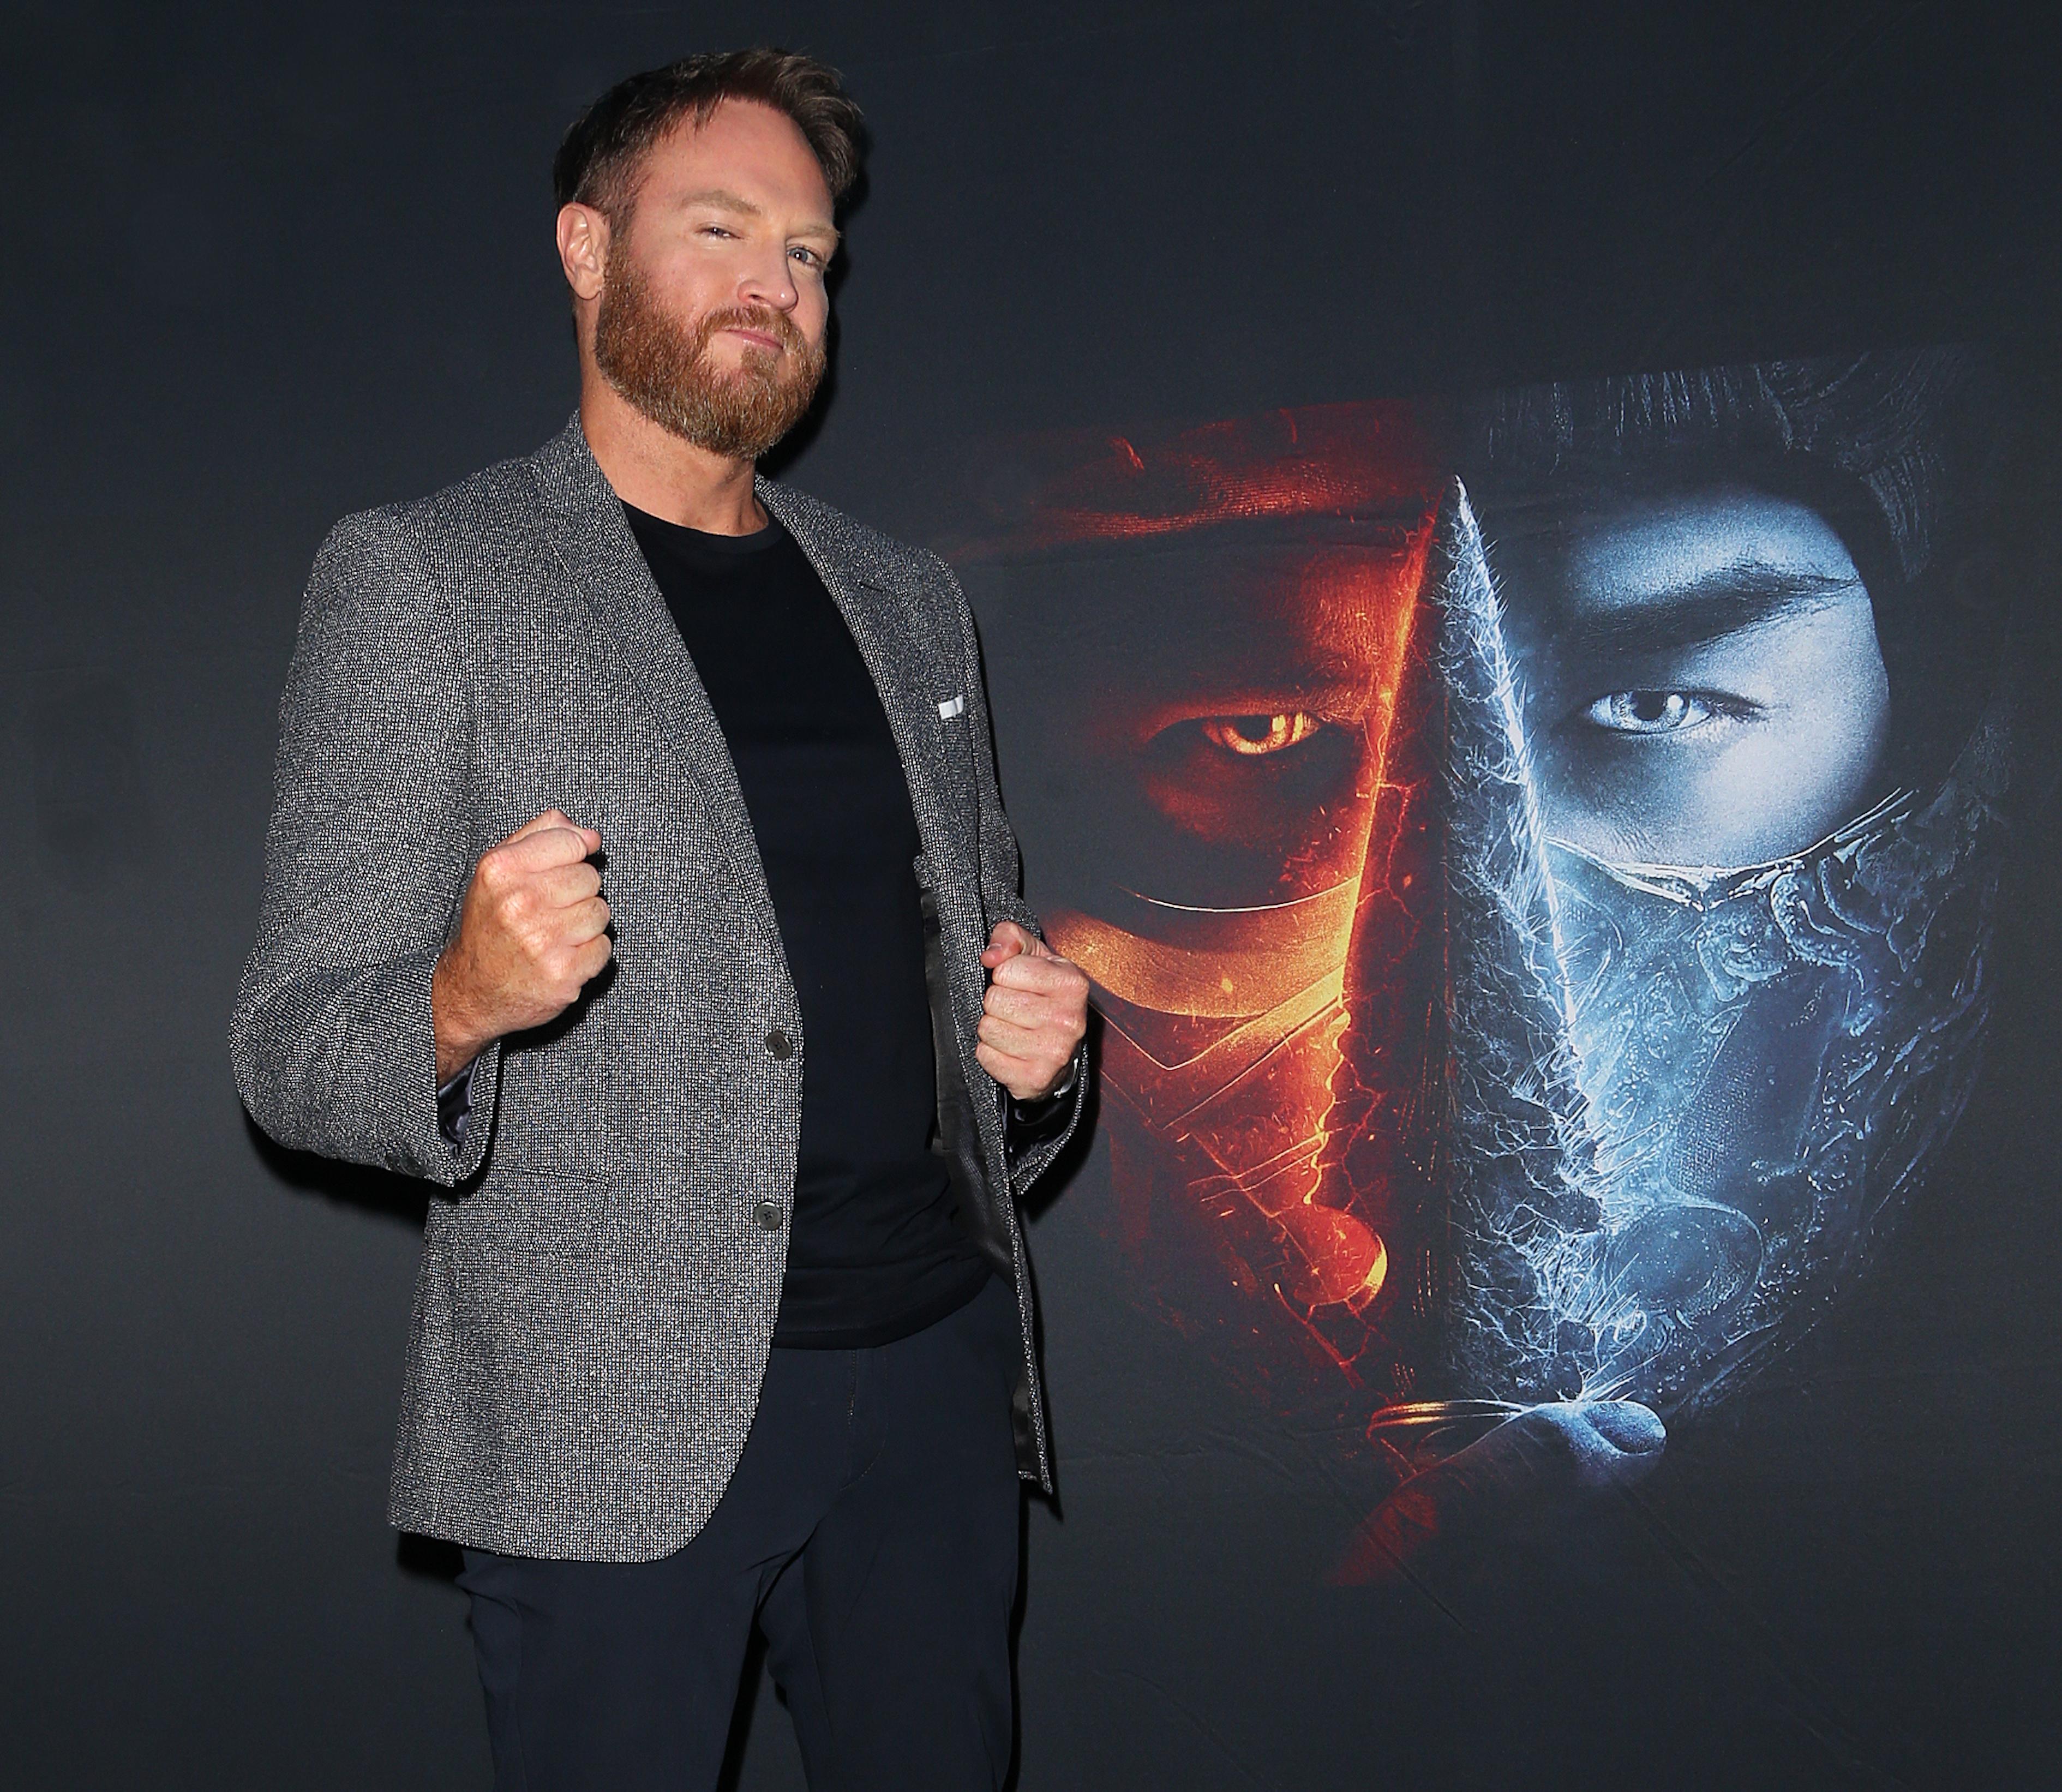 2021年4月21日在珀斯举行的《凡人快打》首映式